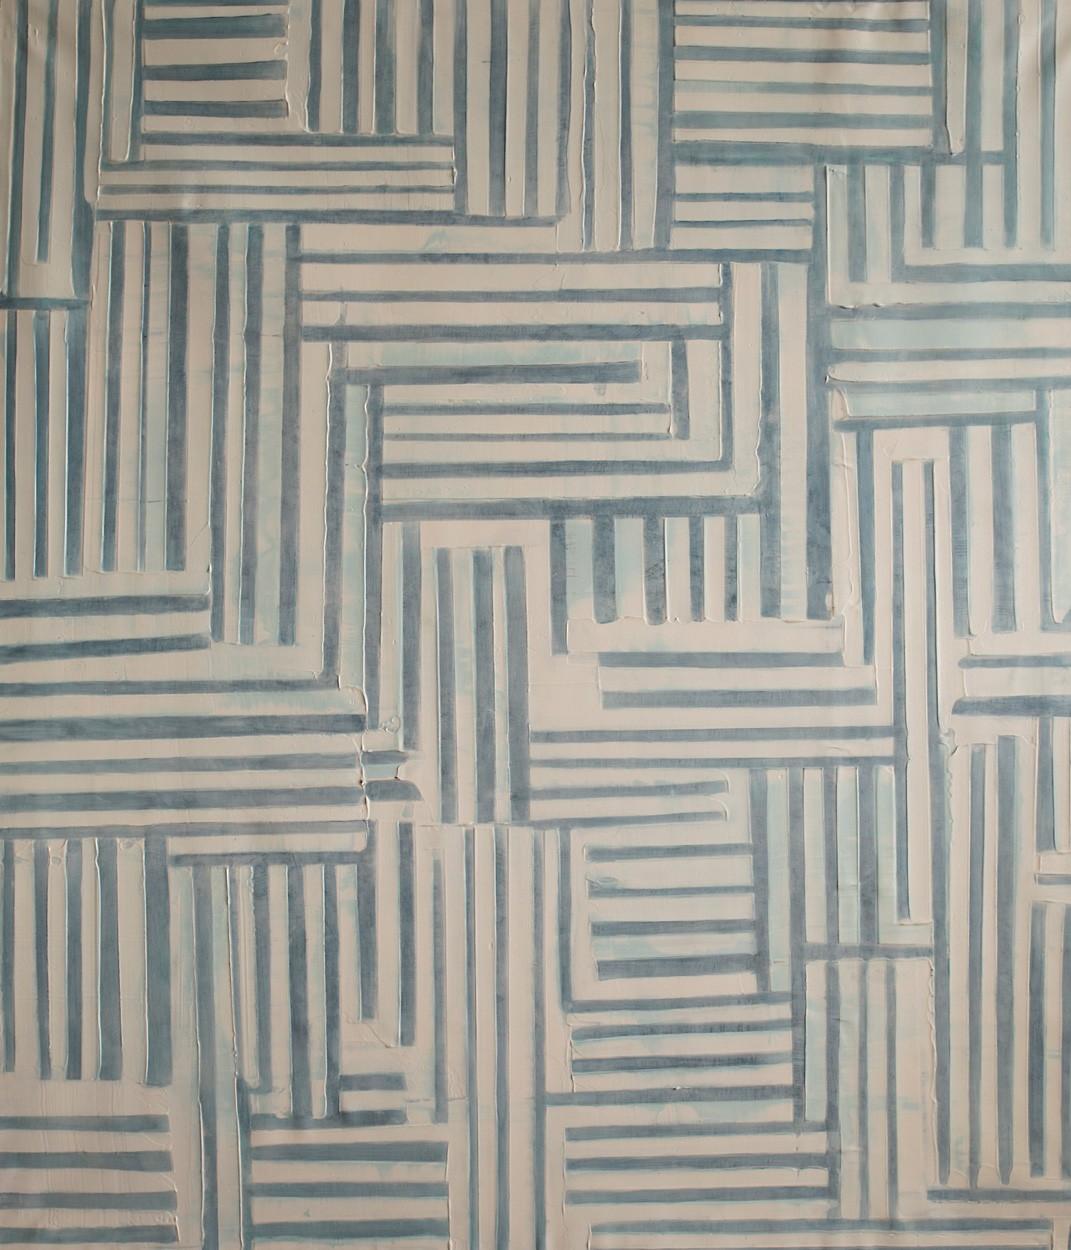 Frankie Goes to Montreal | Malerei von Lali Torma | Acryl auf Leinwand